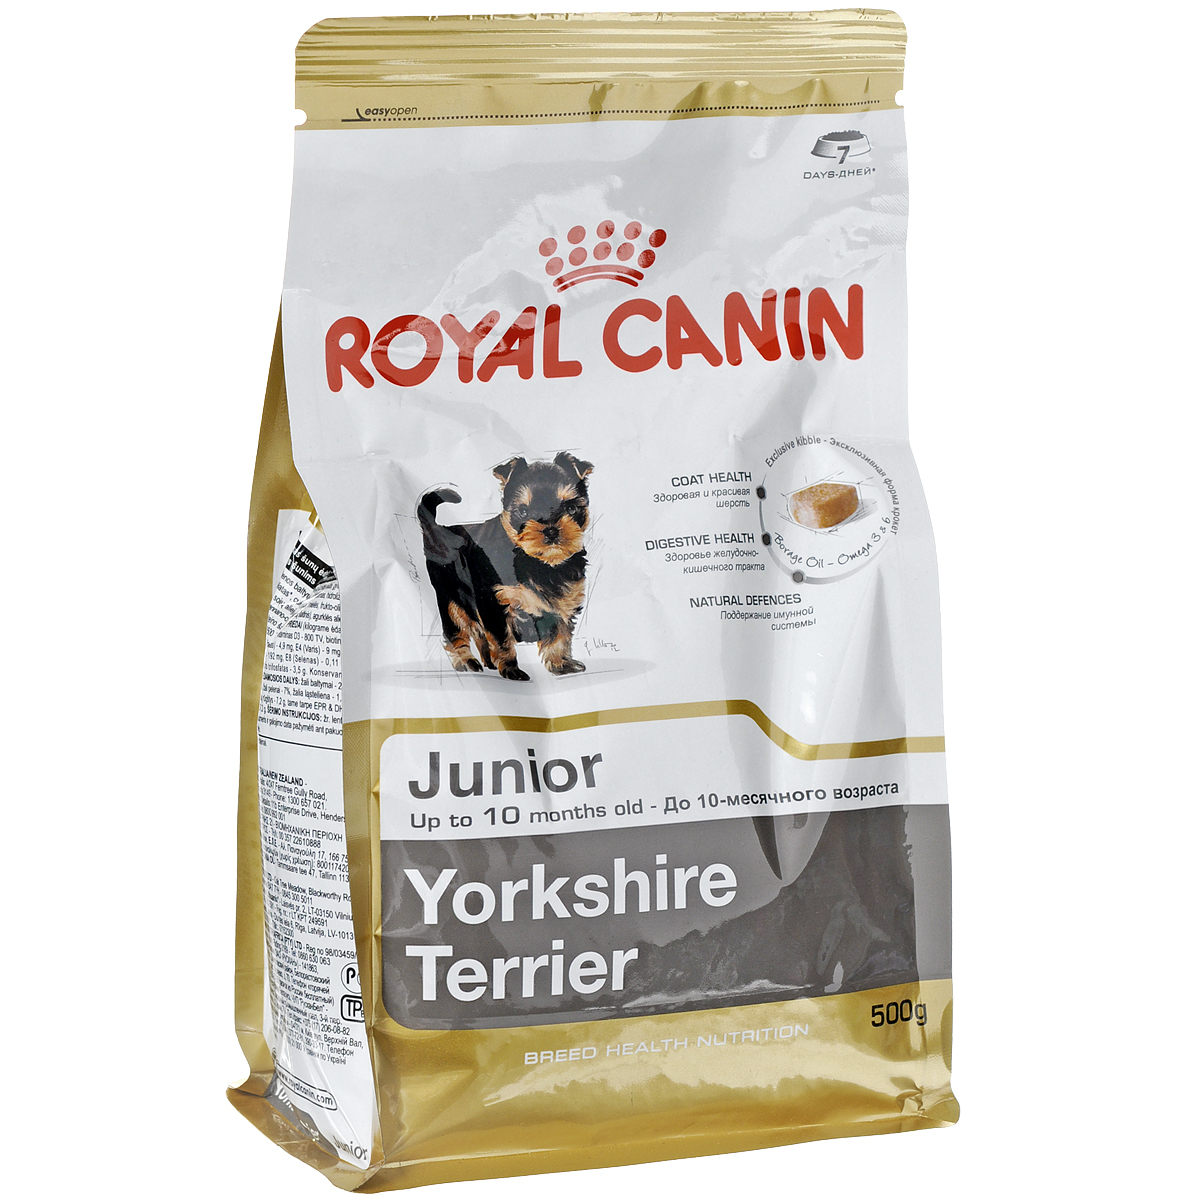 Корм сухой Royal Canin Yorkshire Terrier Junior, для щенков породы йоркширский терьер ввозрасте до 10 месяцев, 500 г3464Сухой корм Royal Canin Yorkshire Terrier Junior - полнорационный корм для щенков породы йоркширский терьер ввозрасте до 10 месяцев.Щенки йоркширского терьера подвержены риску многих заболеваний. Правильное питание и сбалансированная диета чаще всего помогают избежать неблагоприятного развития хрупкого в детстве щенка. Благодаря корму для щенков йорков Yorkshire Terrier Junior из небольшого и активного щенка вы легко вырастите аристократичного красивого взрослого пса.Здоровая шерсть.Эта эксклюзивная формула поддерживает здоровье и красоту шерсти йоркширского терьера. Корм обогащен жирными кислотами Омега-3 (EPA и DHA) и Омега-6, маслом бурачника и биотином. Безопасность пищеварения.Обеспечивает оптимальную безопасность пищеварения и поддерживает баланс кишечной флоры щенков йоркширского терьера.Надежная естественная защита.Корм позволяет обеспечить естественную защиту организма щенка йоркширского терьера.Профилактика образования зубного камня.Благодаря хелаторам кальция и специально подобранной текстуре крокет, которая оказывает чистящее воздействие, корм помогает ограничить образование зубного камня у щенков породы йоркширский терьер. Состав: дегидратированные белки животного происхождения (птица), рис, кукурузная мука, животные жиры, изолят растительных белков, свекольный жом, гидролизат белков животного происхождения, минеральные вещества, соевое масло, рыбий жир, дрожжи, фруктоолигосахариды, гидролизат дрожжей (источник мaннановых олигосахаридов), масло огуречника аптечного (0,1 %), экстракт бархатцев прямостоячих (источник лютеина).Добавки (в 1 кг): питательные добавки: Витамин A: 29500 ME, Витамин D3: 800 ME, Биотин: 3,07 мг, Железо: 49 мг, Йод: 4,9 мг, Марганец: 64 мг, Цинк: 192 мг, Ceлeн: 0,11 мг - Технологические добавки: Триполифосфат натрия: 3,5 г - Консервант: сорбат калия - Антиокислители: пропилгаллат, БГА. Товар сертифицирован.